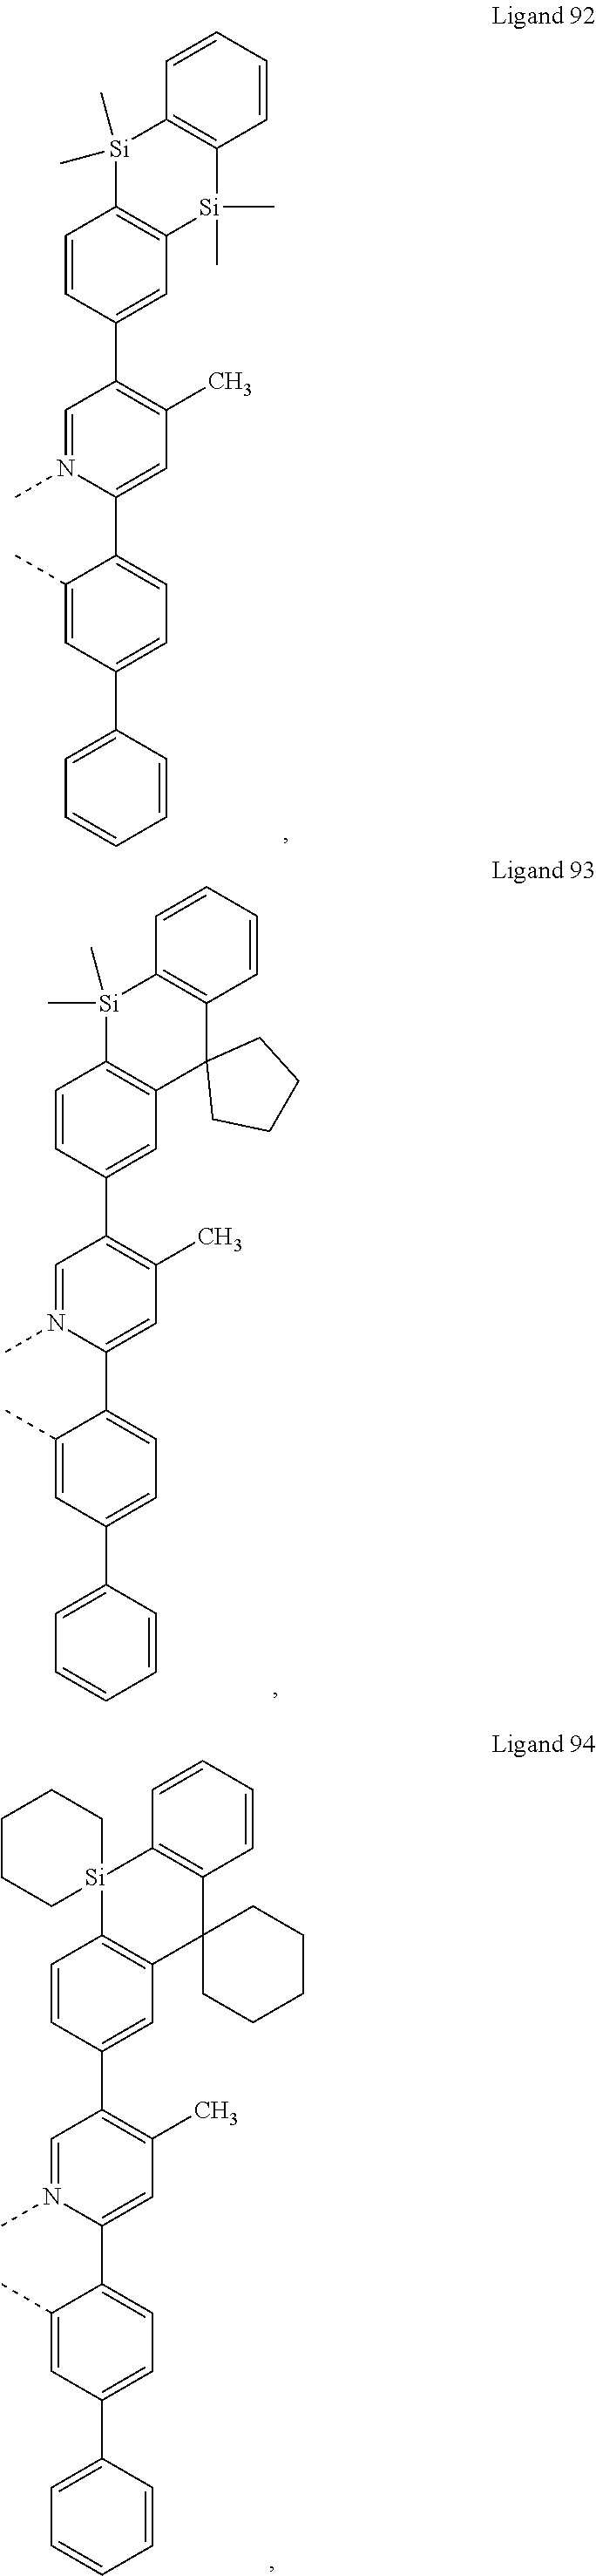 Figure US20180130962A1-20180510-C00249